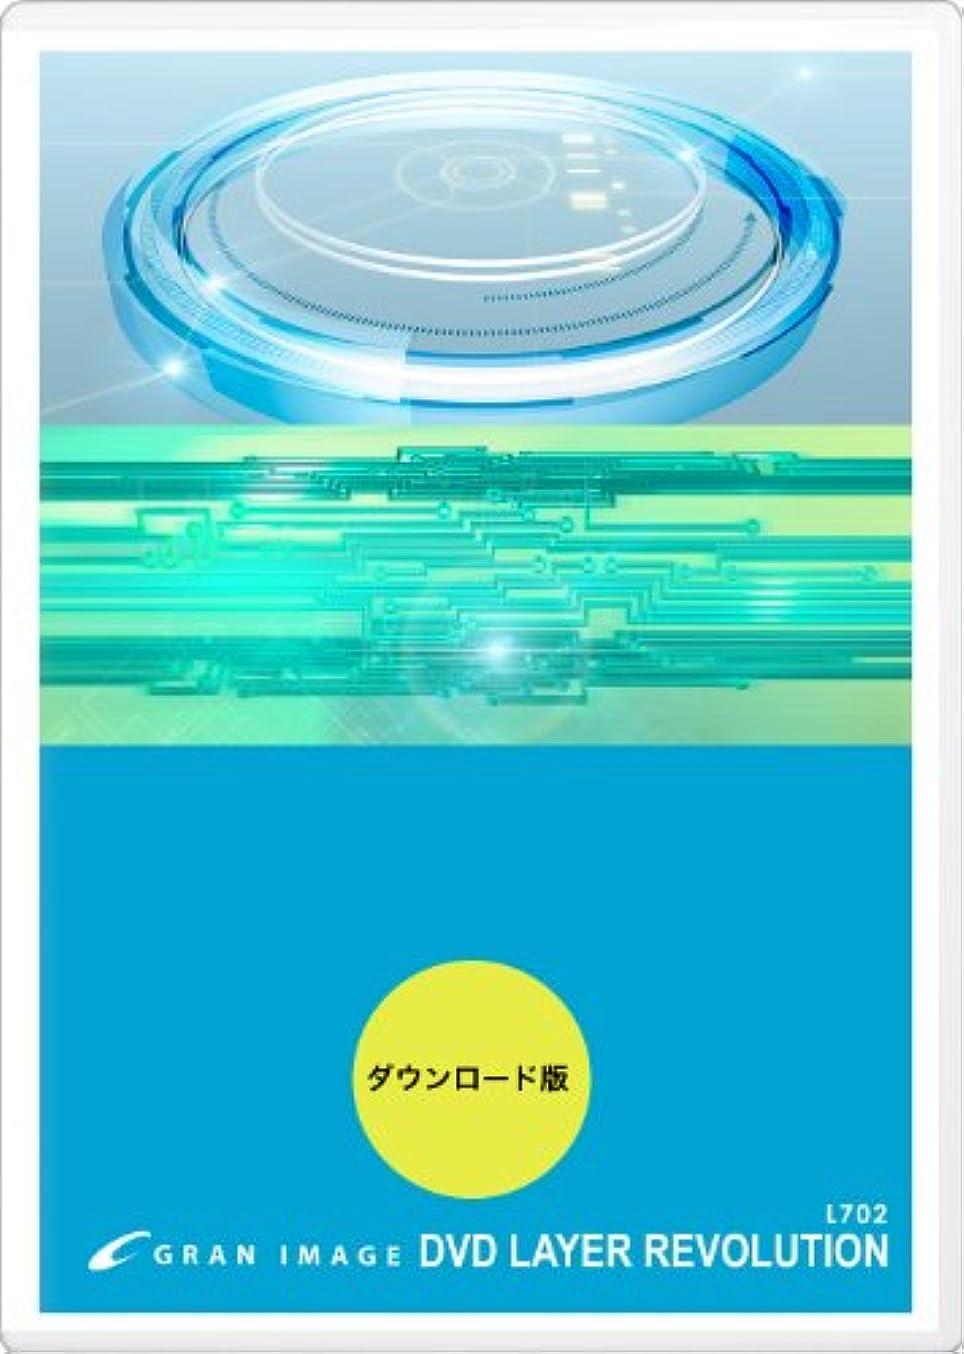 器用包帯重要な役割を果たす、中心的な手段となるグランイメージ L702 DVDレイヤーレボリューション [ダウンロード]